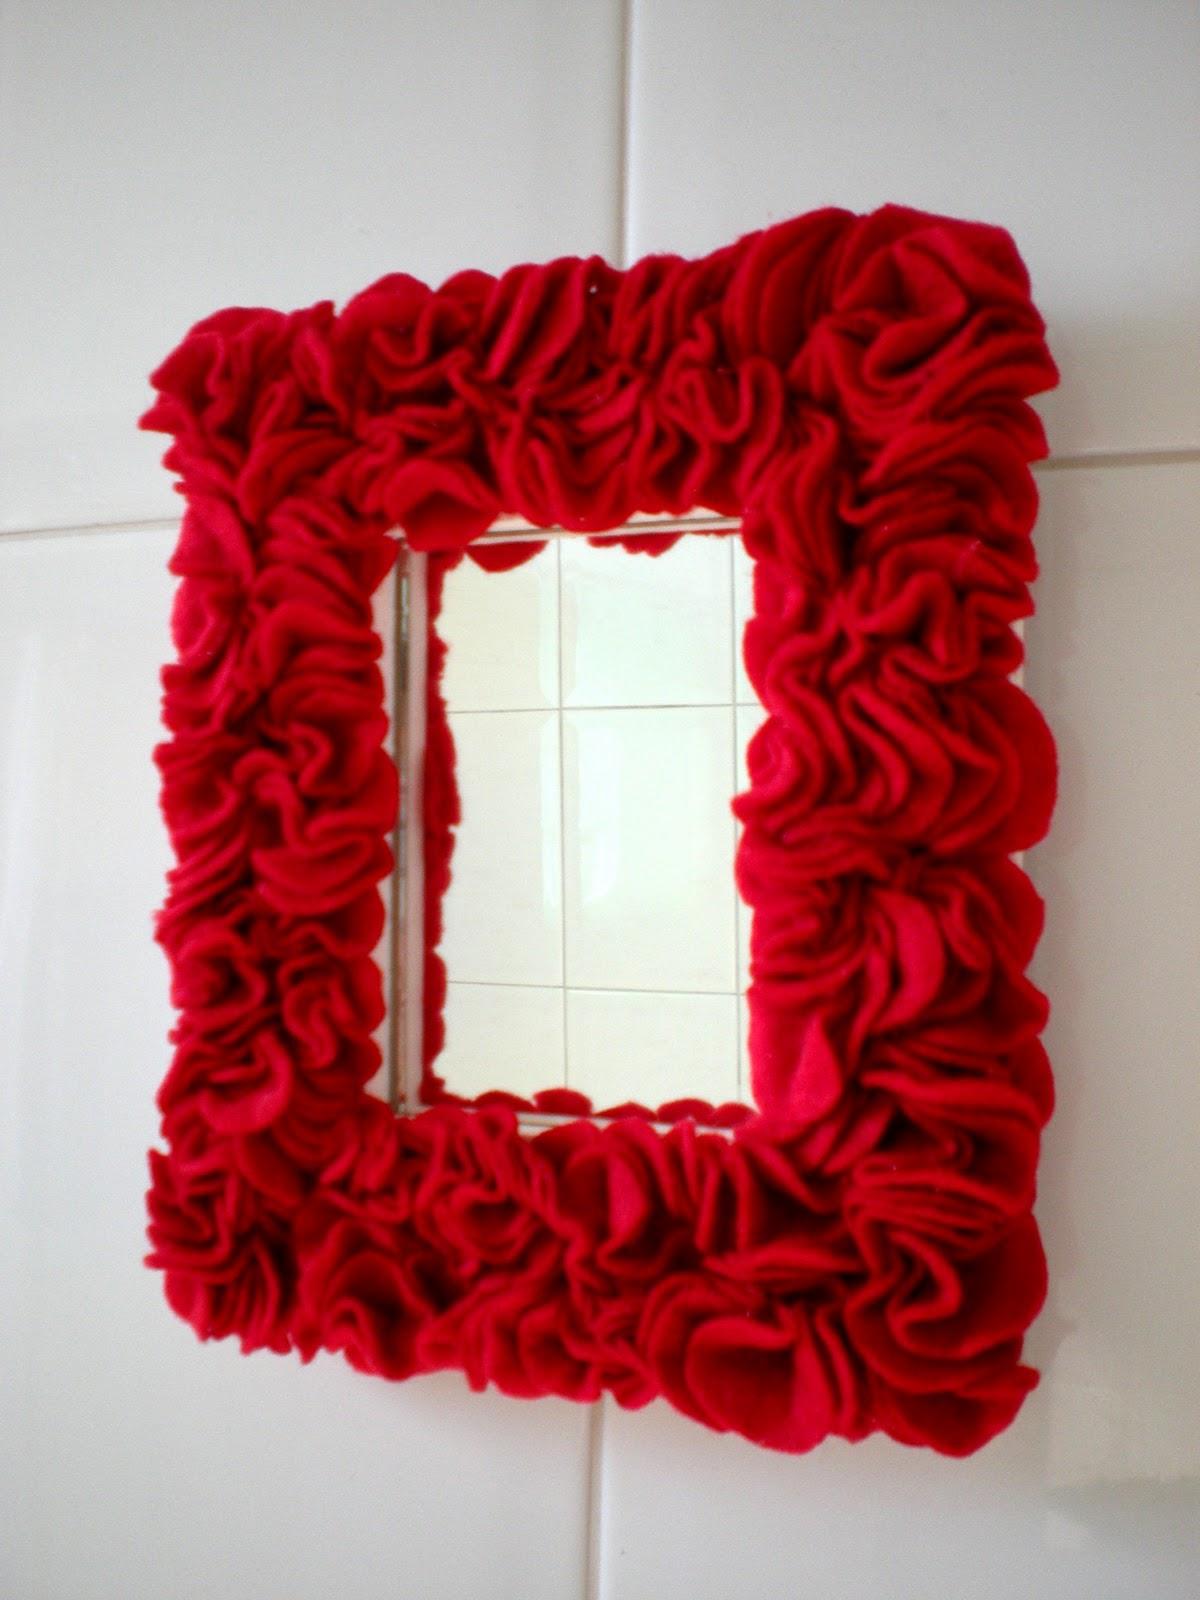 El bazar de agustina espejo con borde de pa o lenci rojo for Espejo con borde biselado